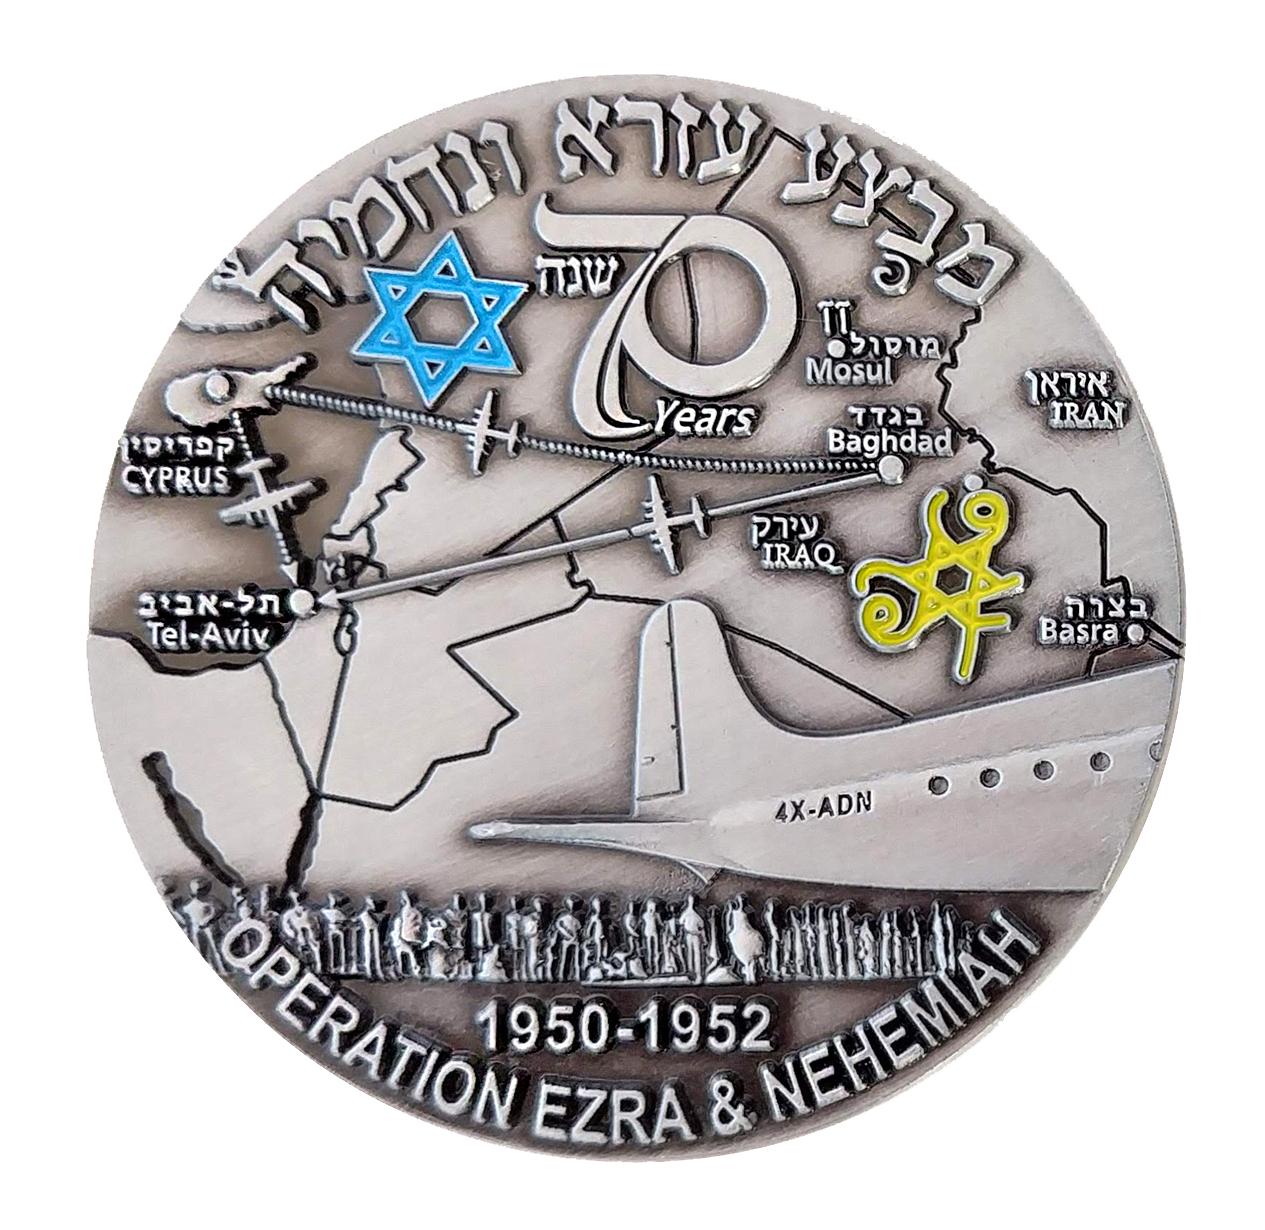 מסע בעקבות יהודי עיראק וקהילת המודיעין - עם עופר בן דוד